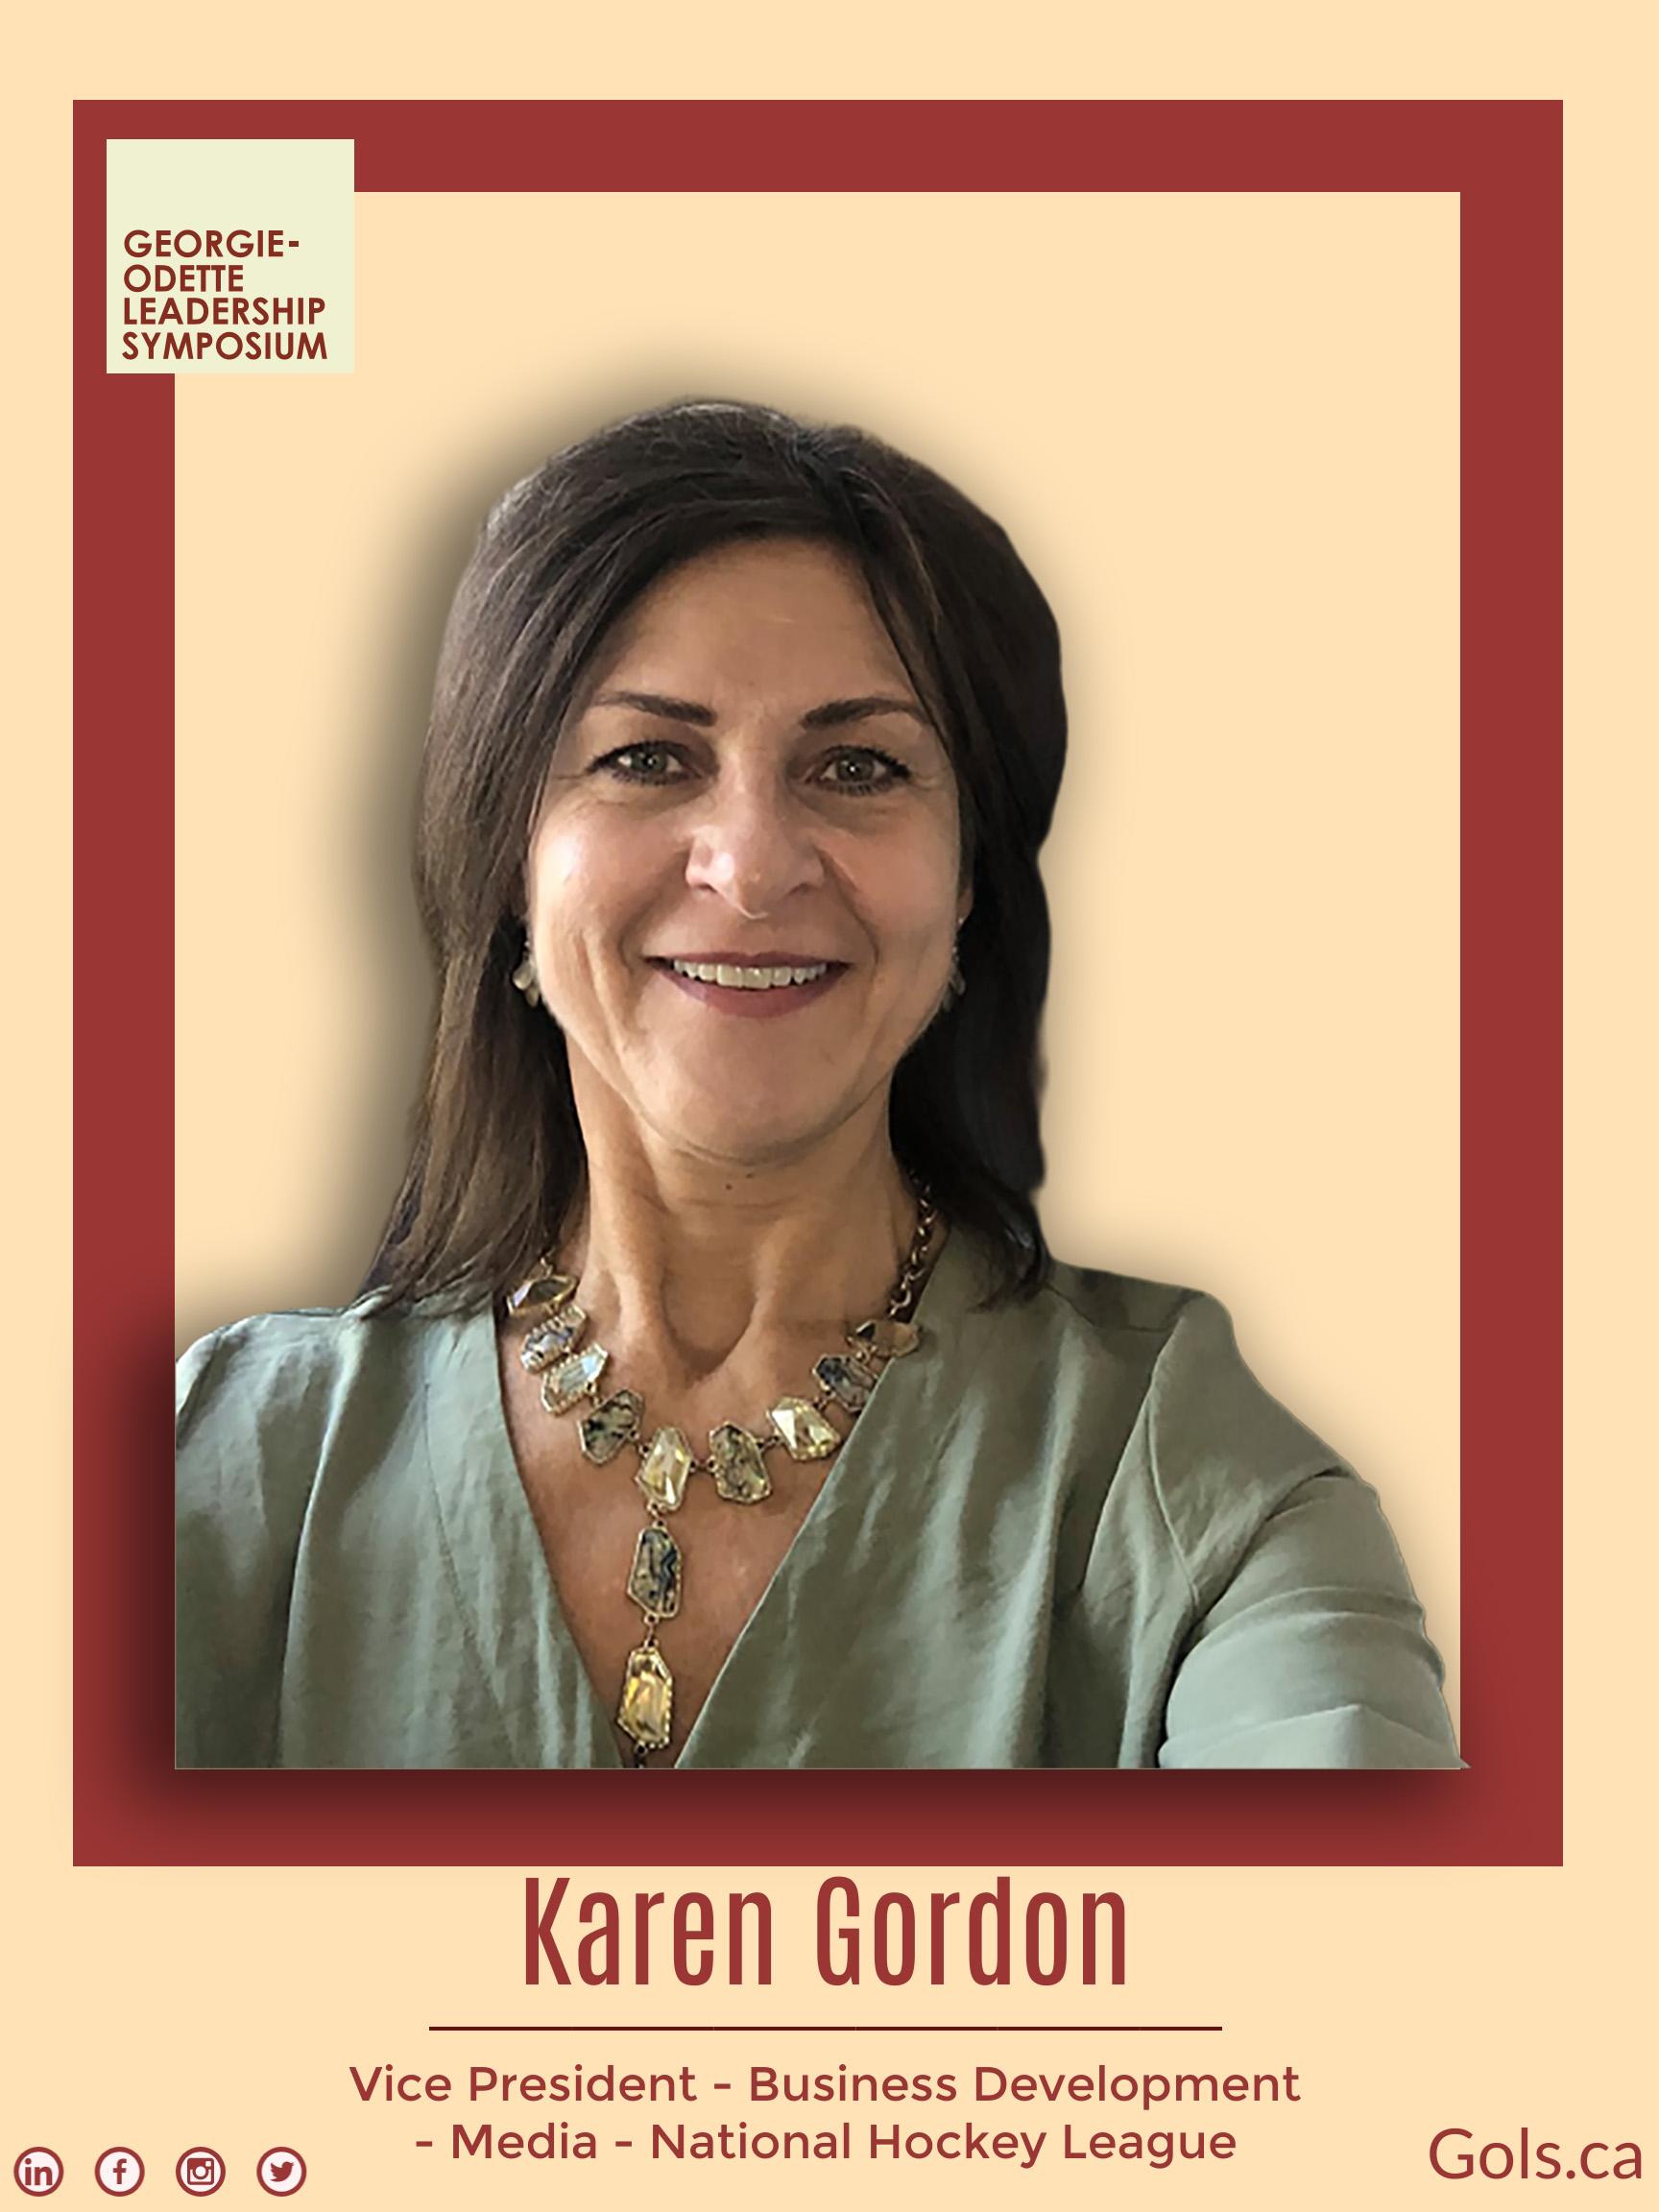 Karen Gordon